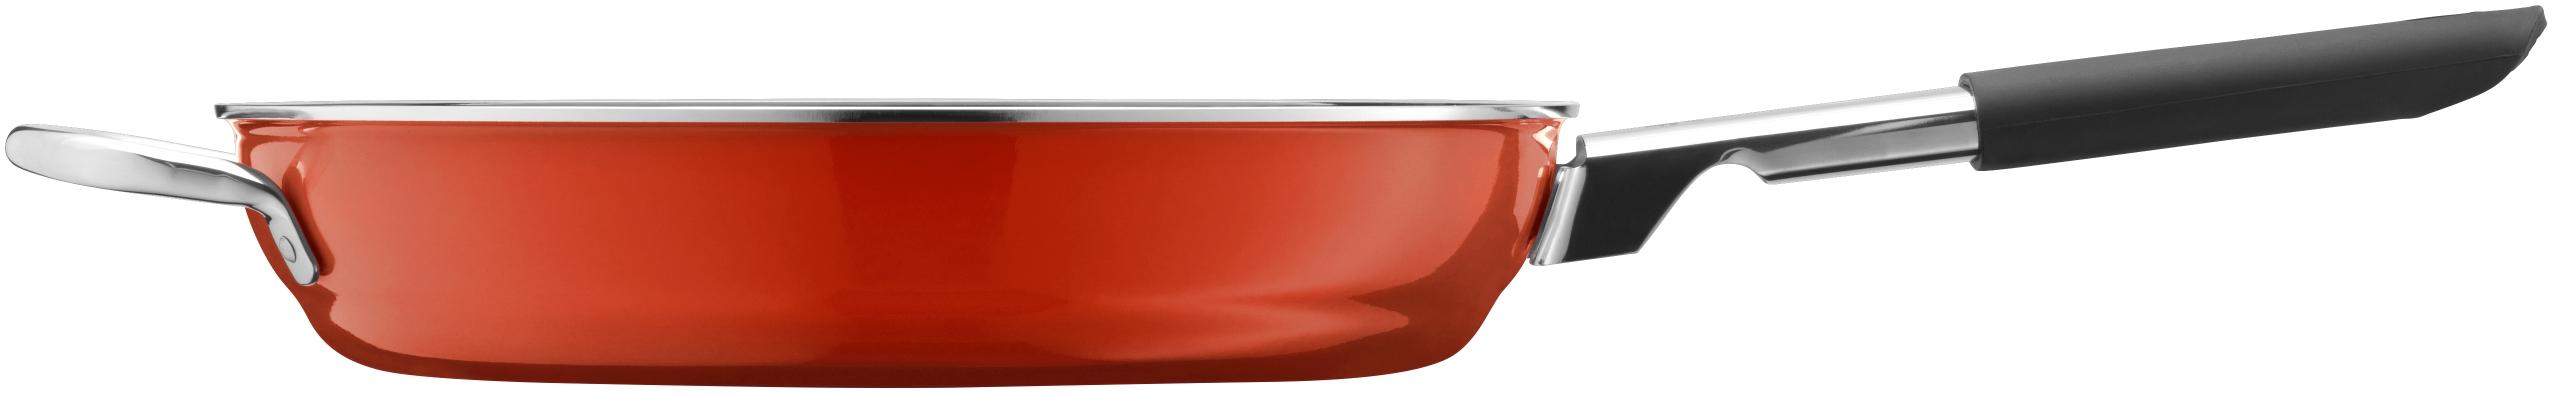 WMF Fusiontec Tava 28 cm Kırmızı